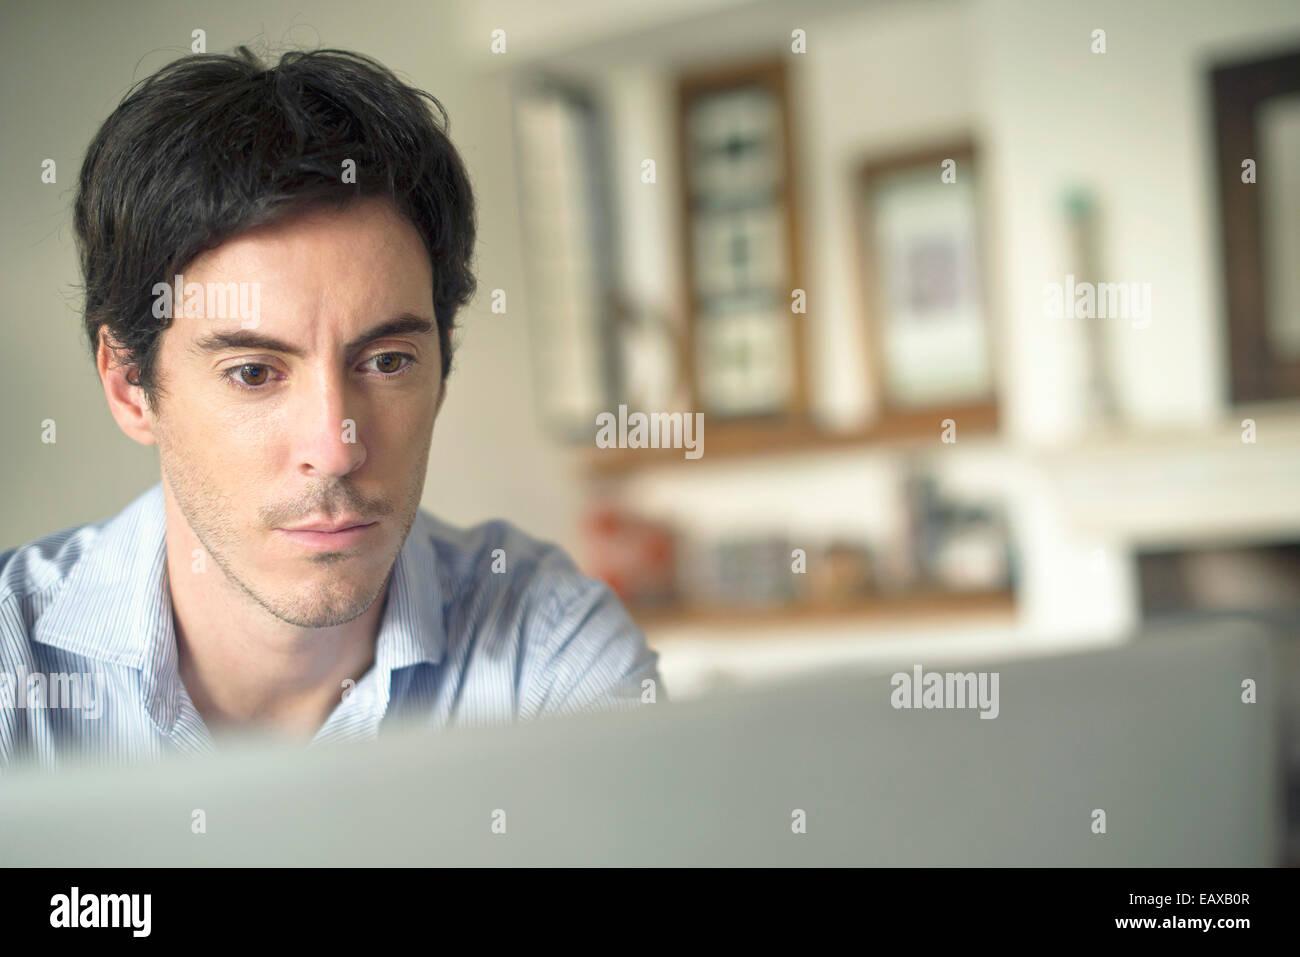 L'uomo staring al computer portatile Immagini Stock